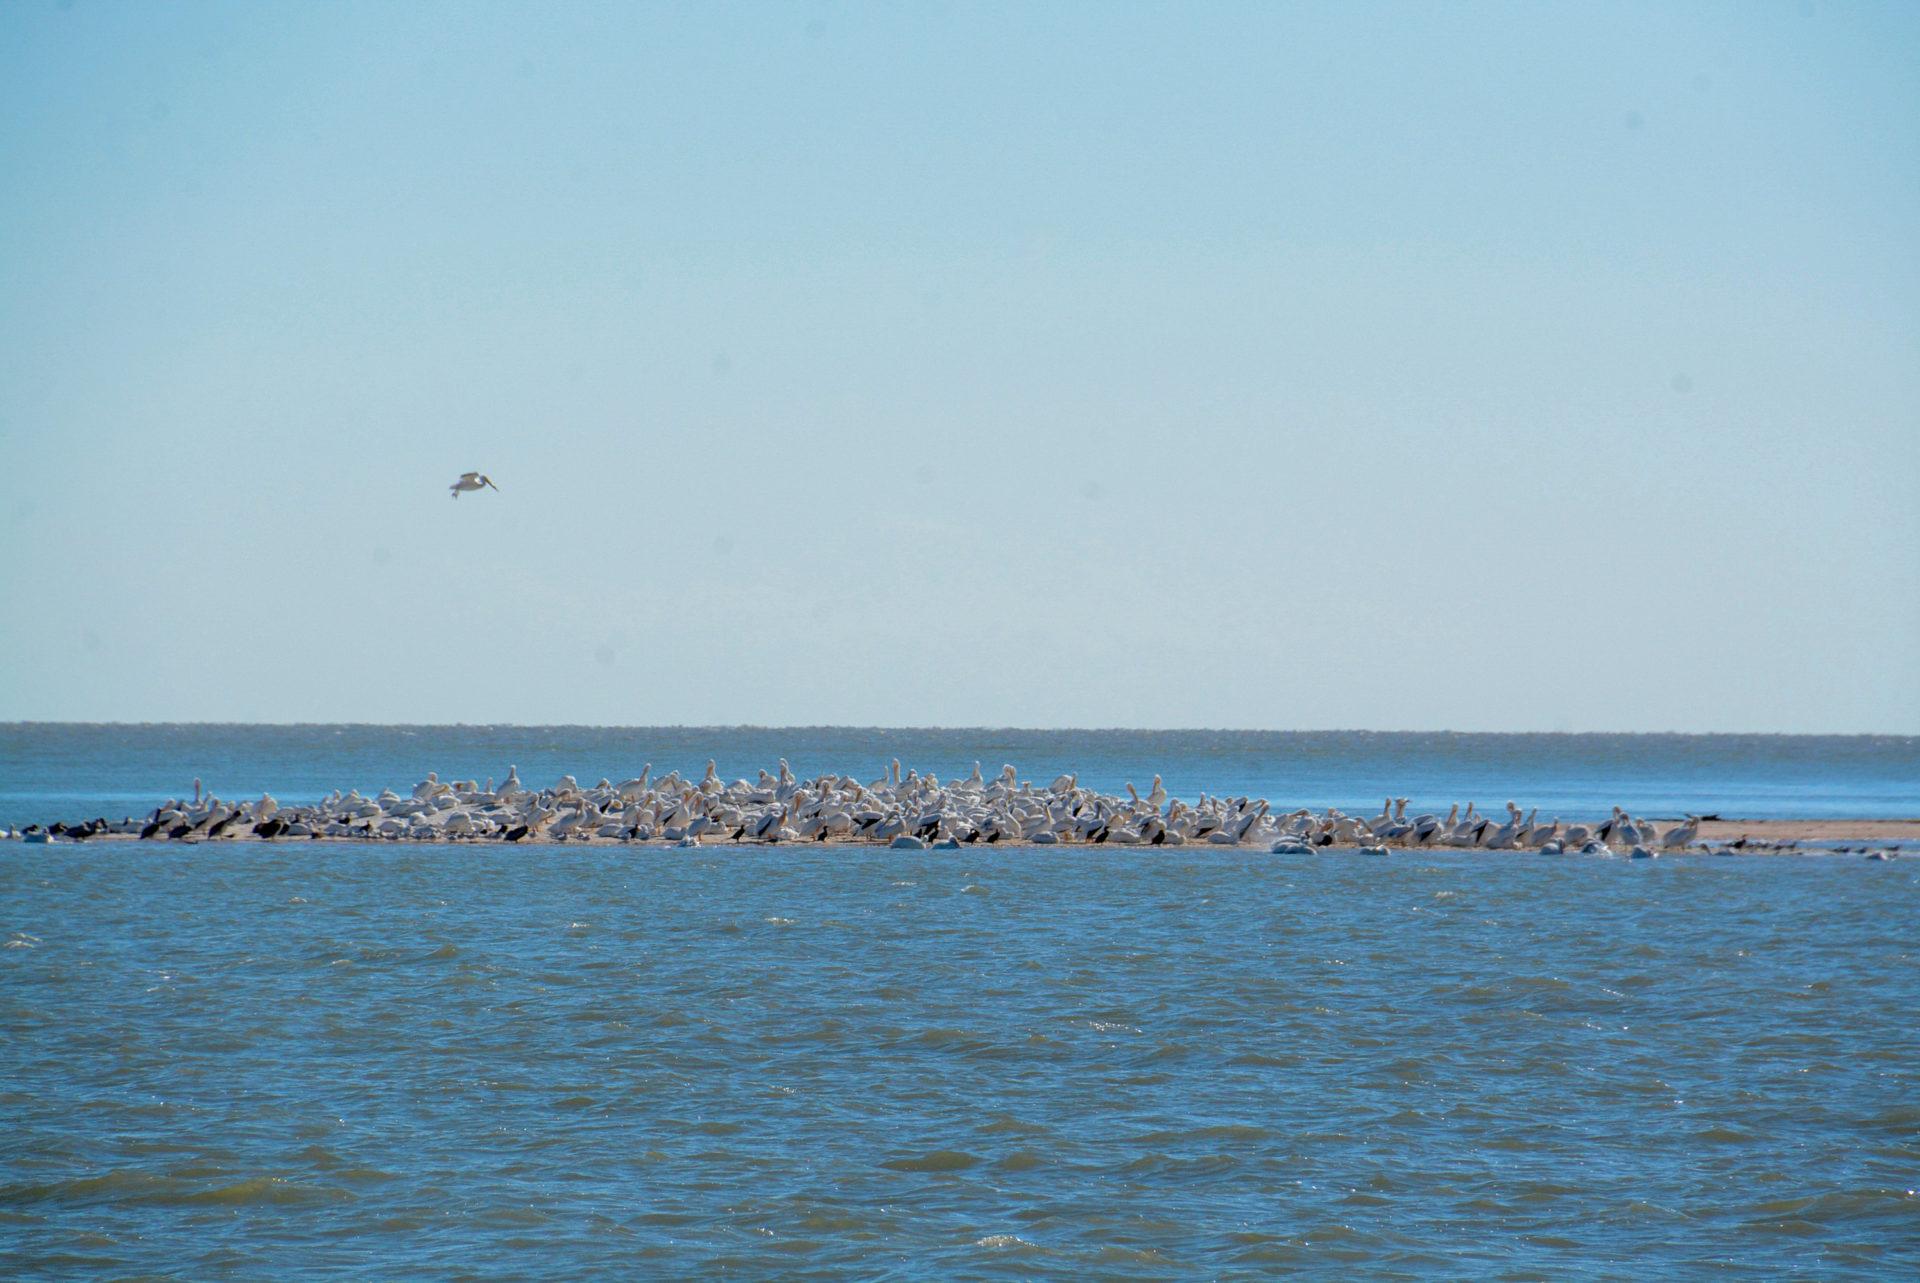 Weißer Pelikan im Anflug auf eine Insel der Ten Thousand Islands in Florida